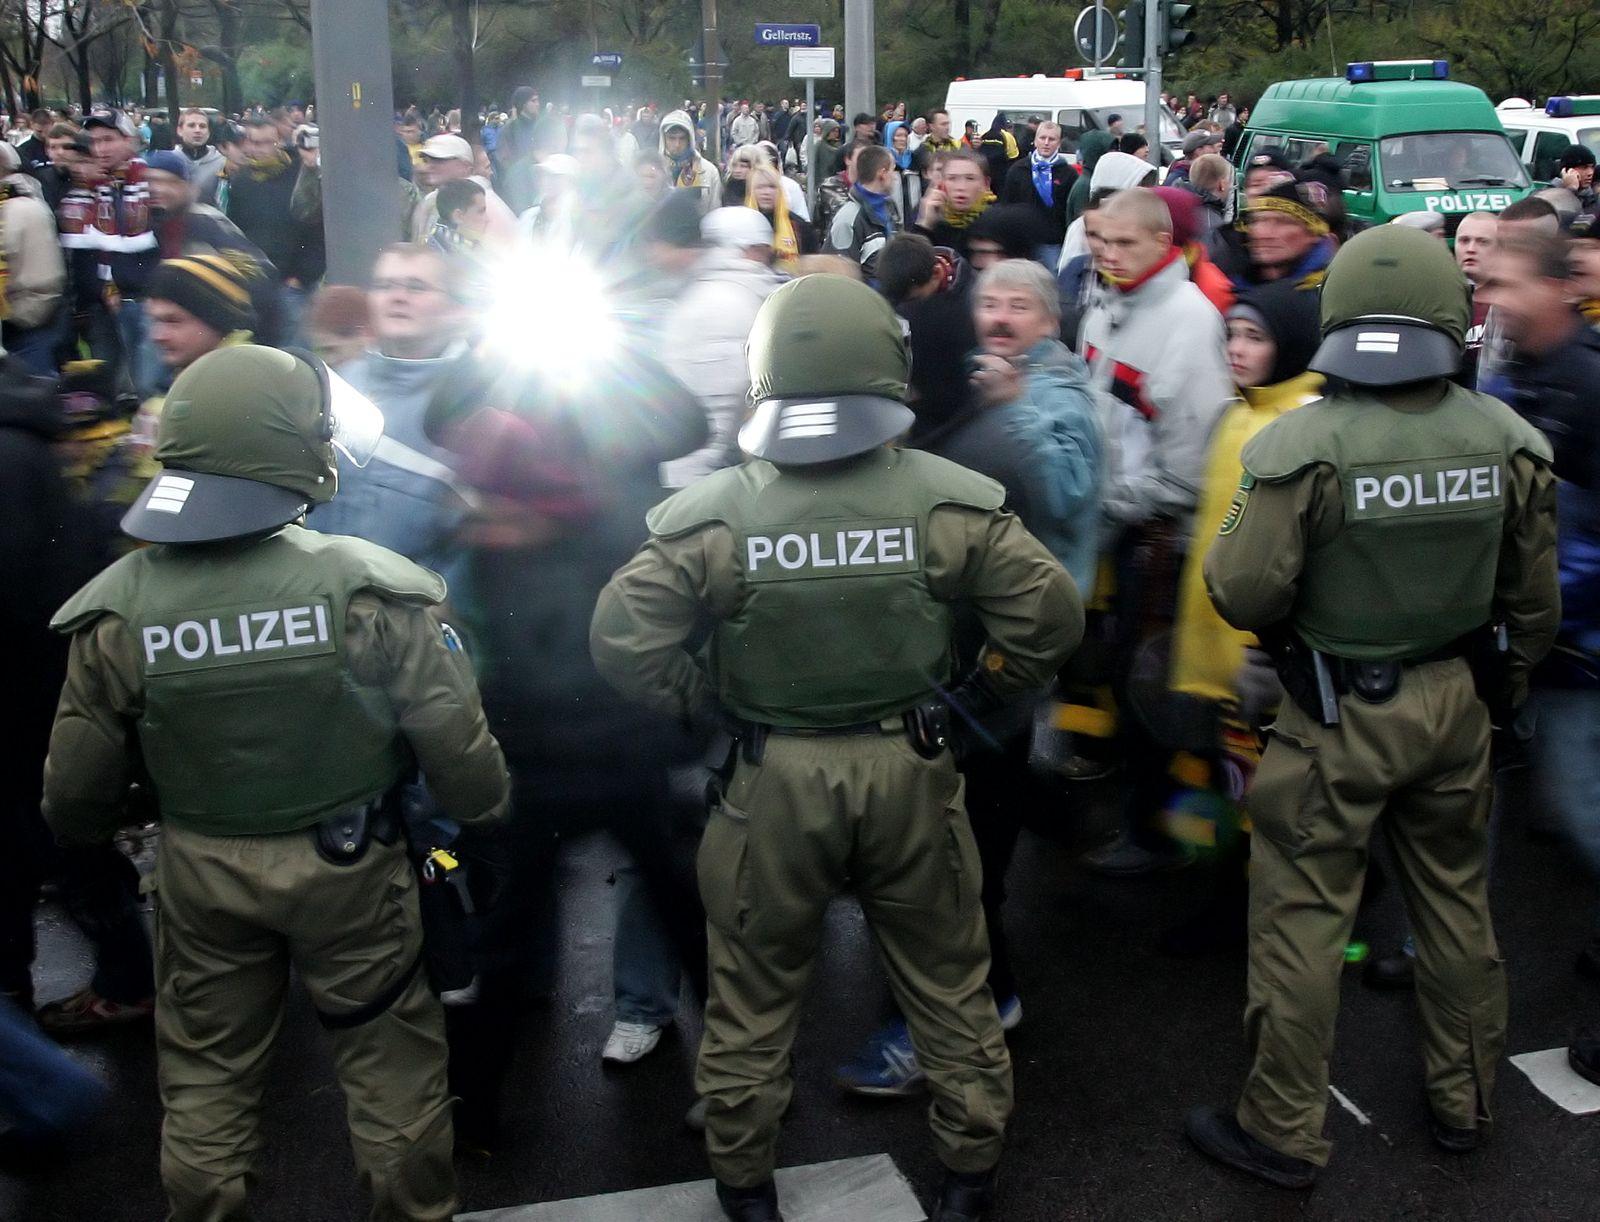 NICHT VERWENDEN Symbolbild / Stadion / Fans / Polizei